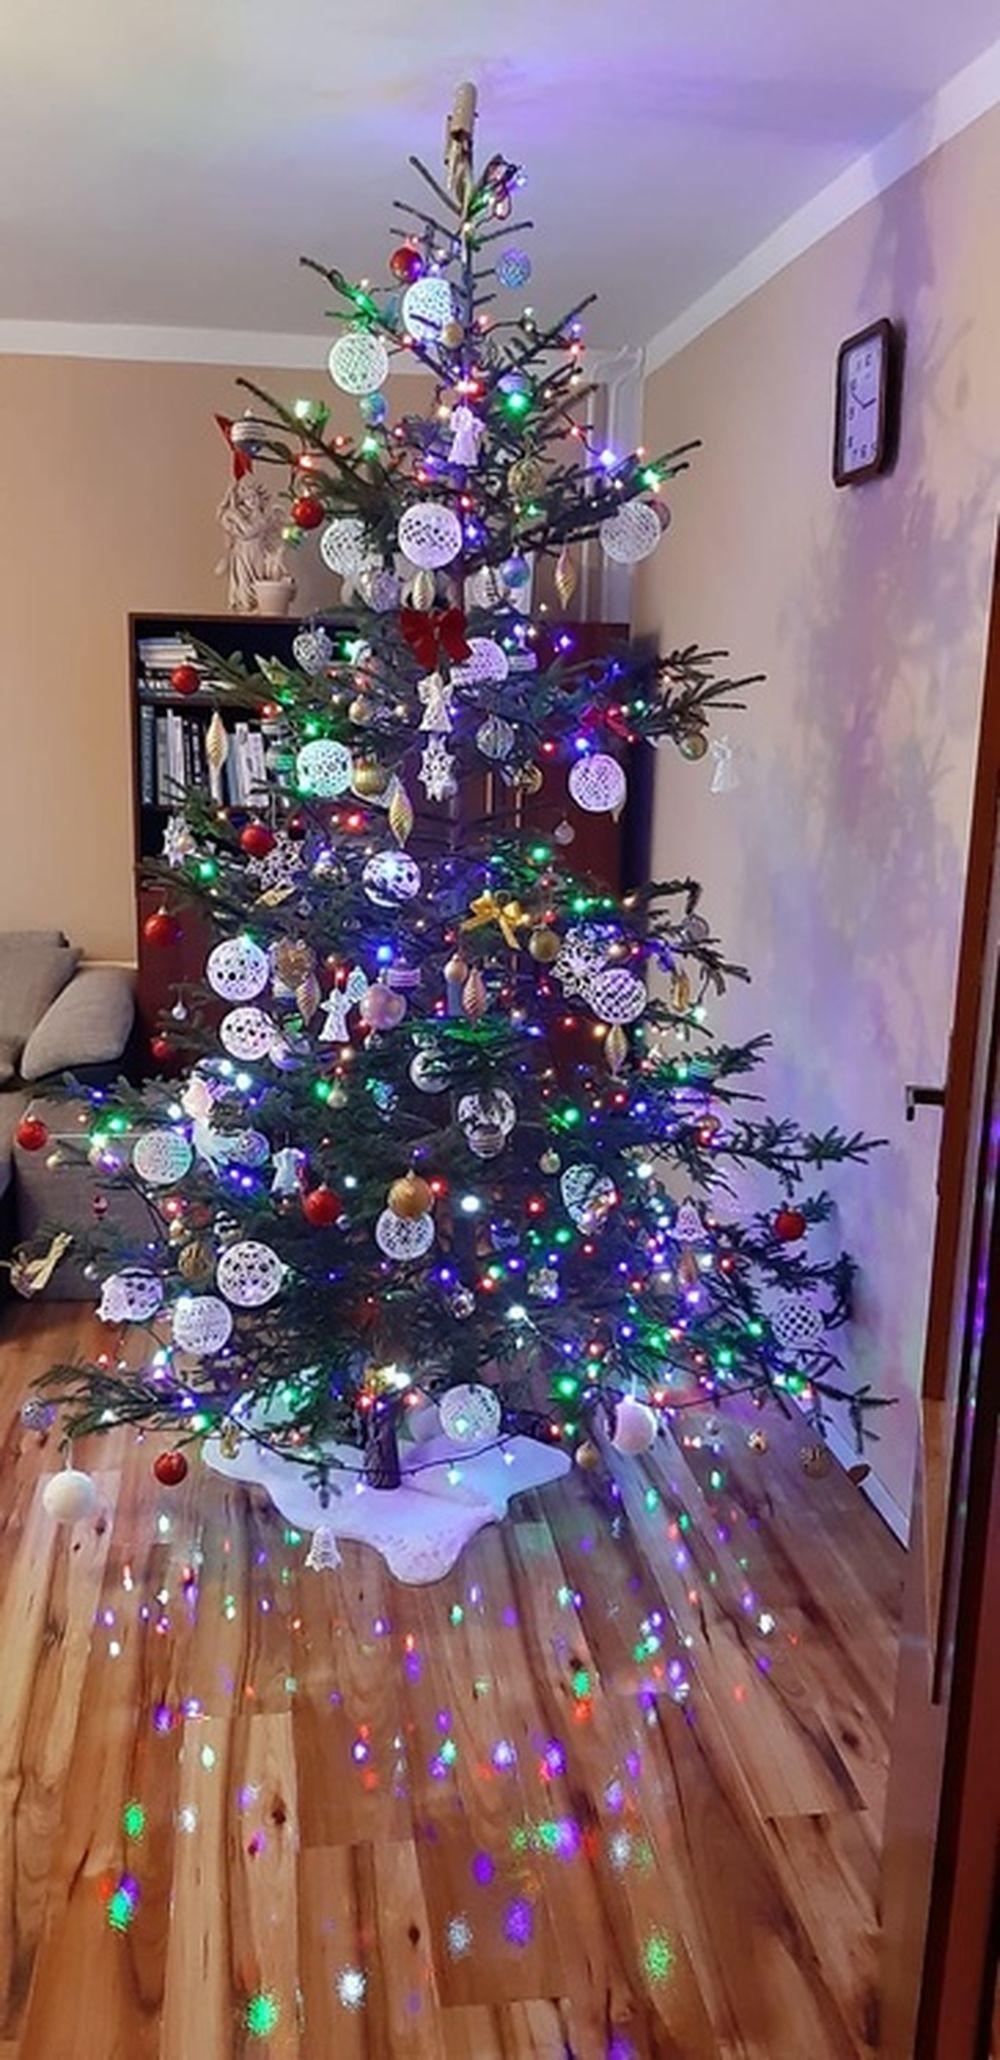 FOTO: Vianočné stromčeky v Žiline - výber fotografií našich čitateľov, foto 57